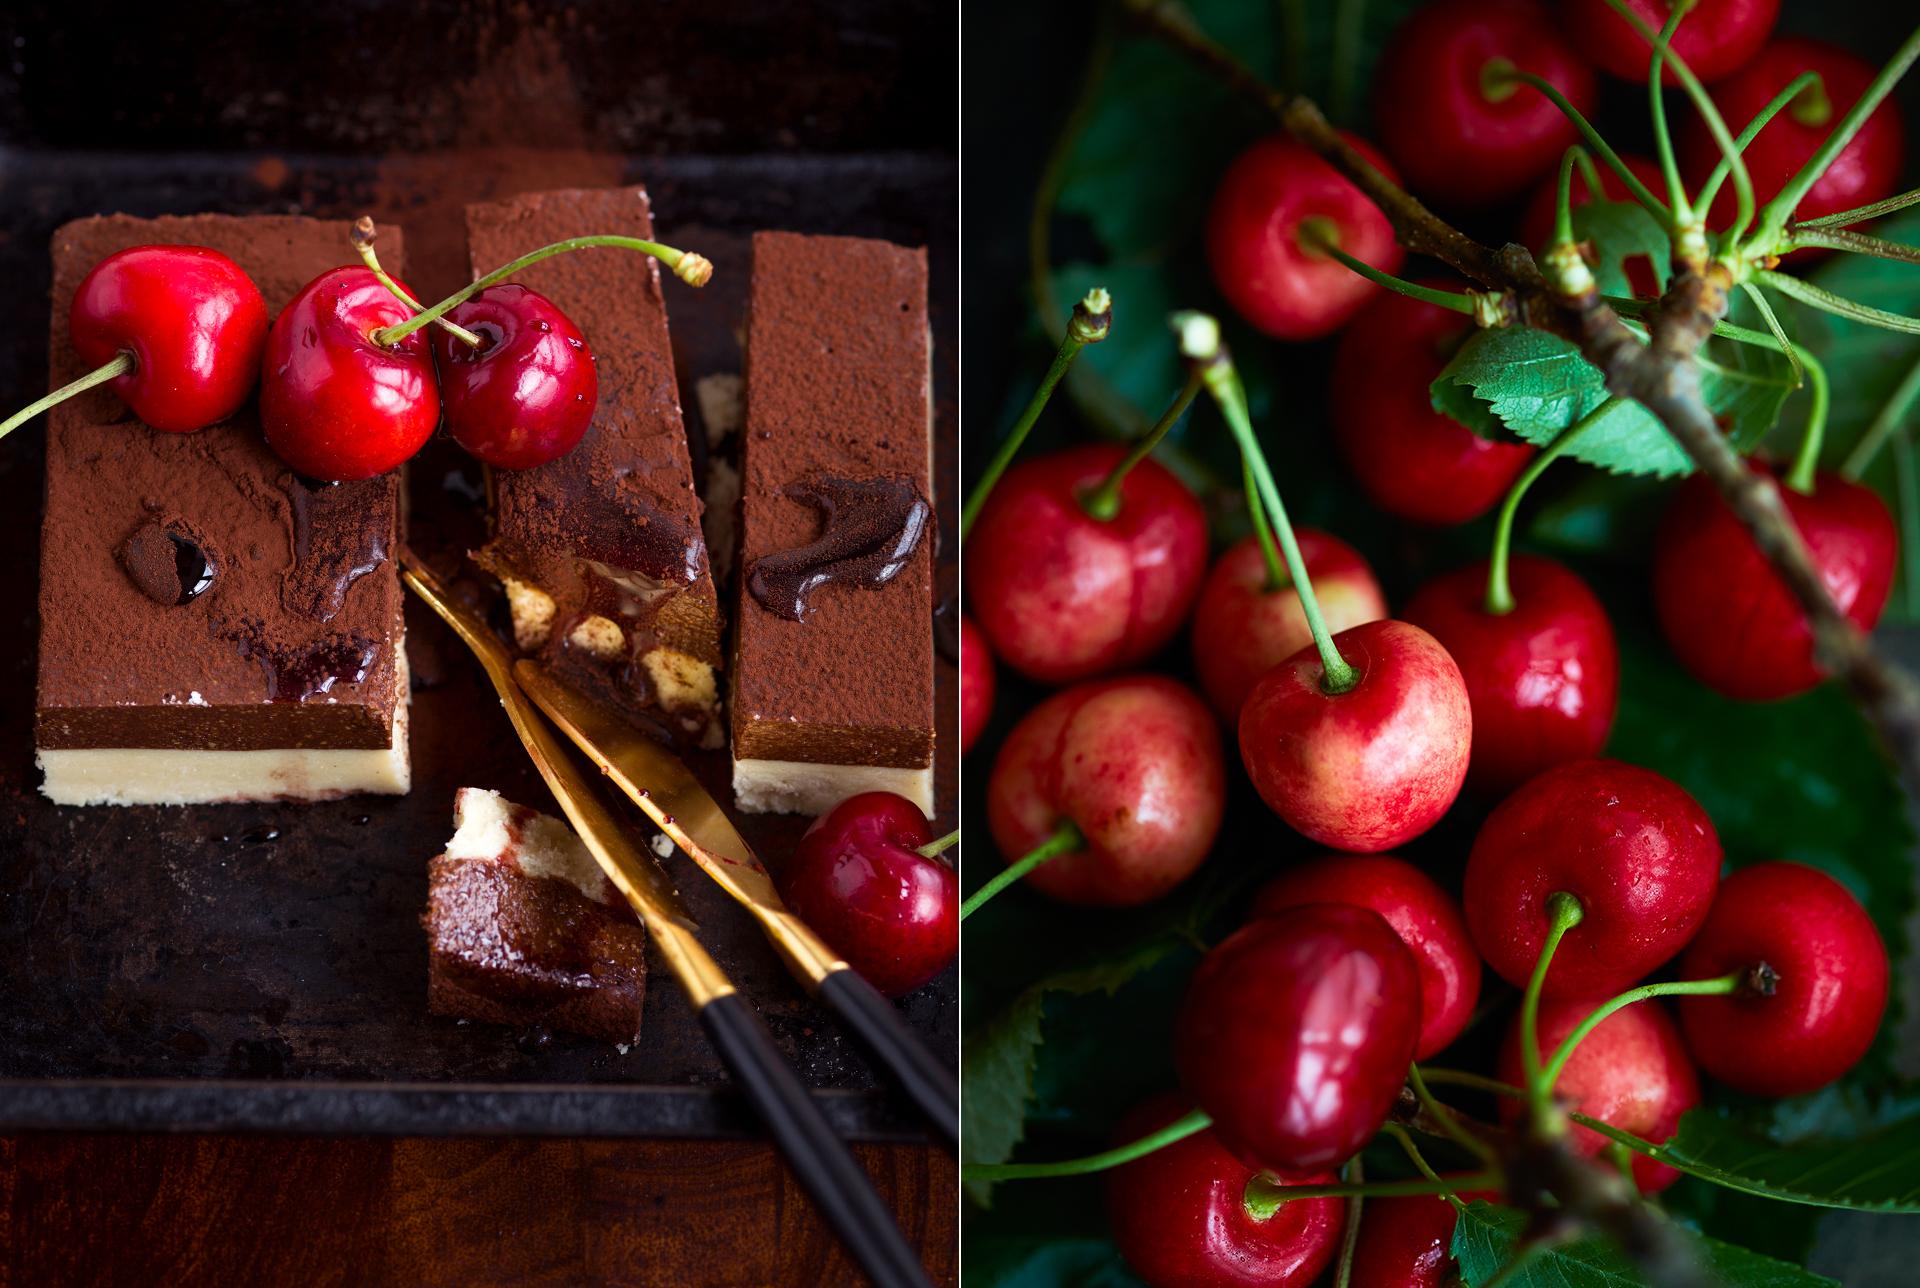 Nougatschichtspeise aus hellem und dunklem Nougat mit Kakaopulver und Kirschen verziert. Nahaufnahme eines Kirschzweiges